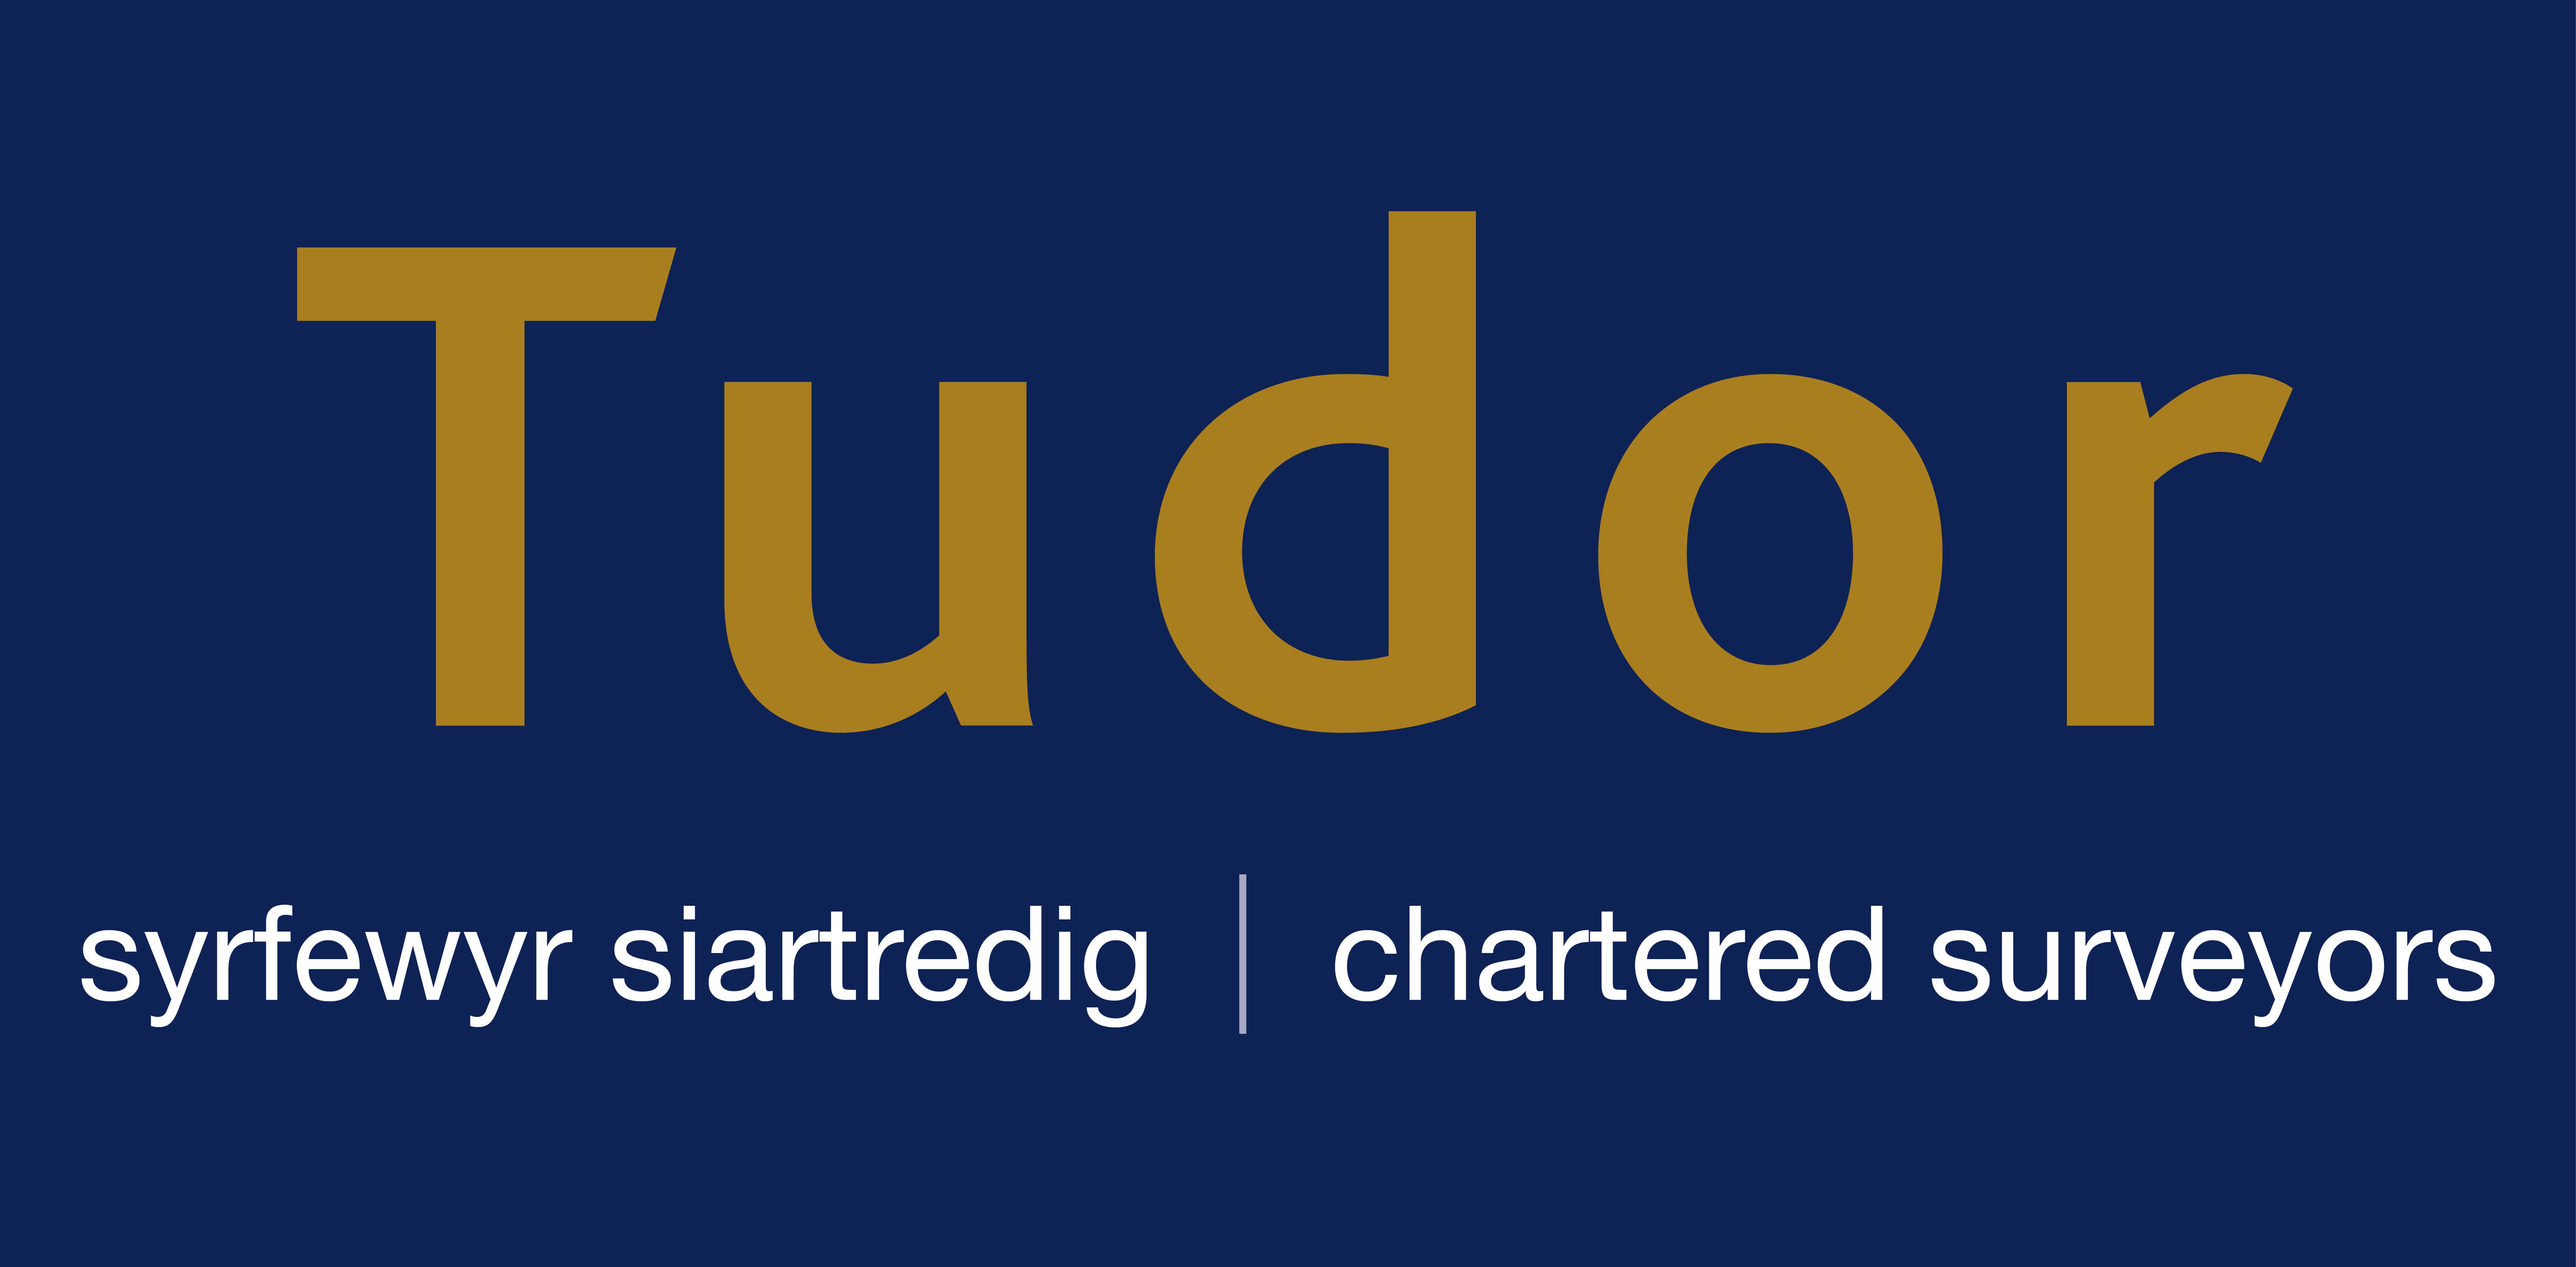 Tudor Estate Agents